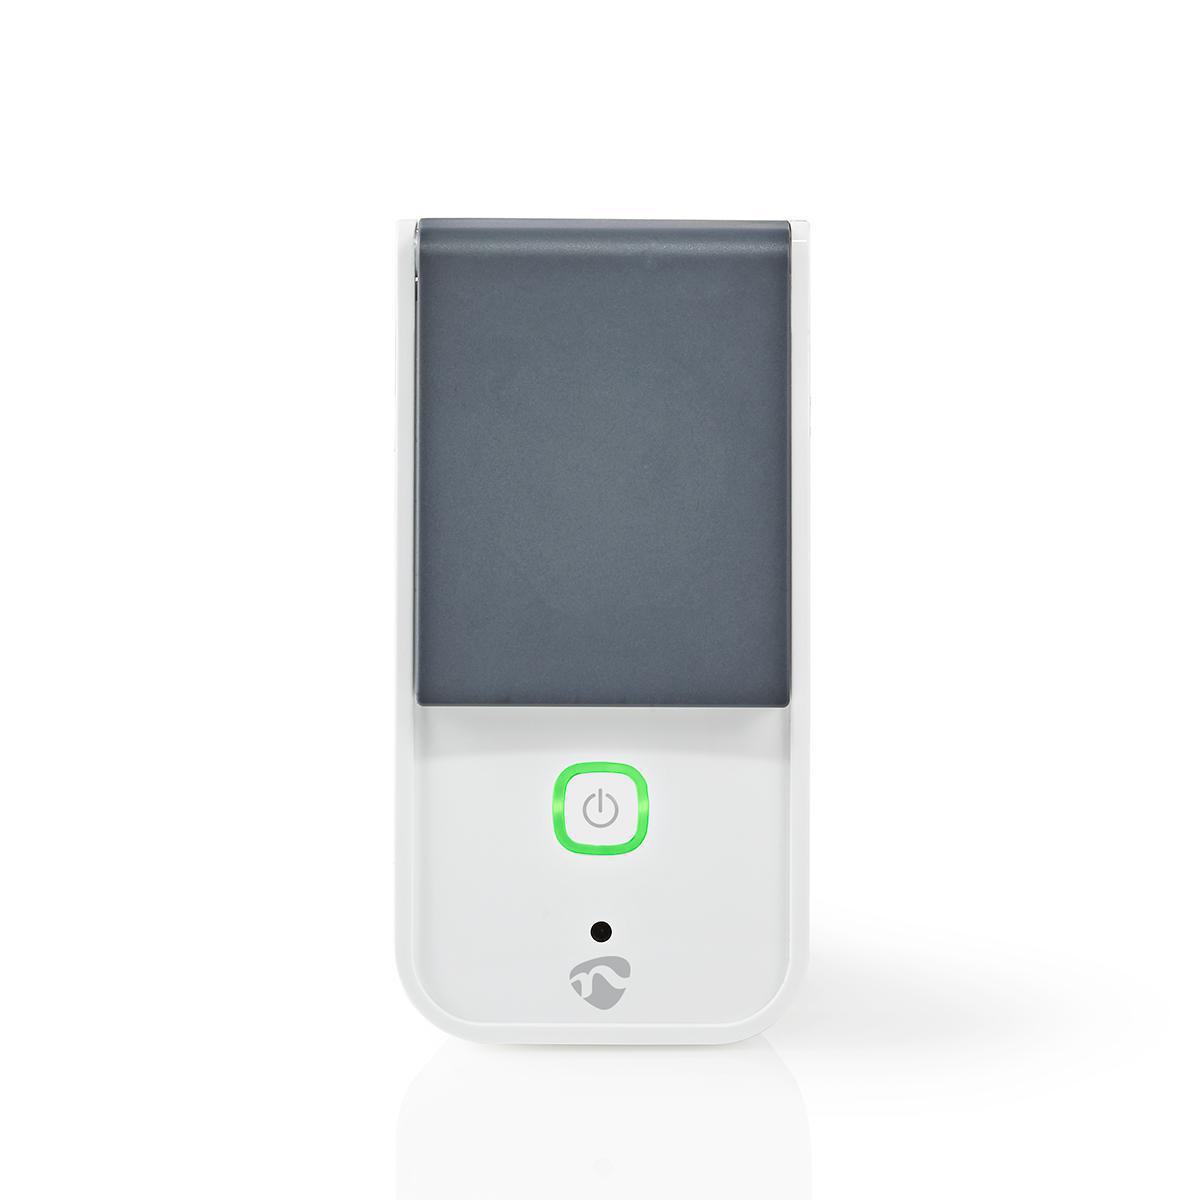 Steuern Sie jedes Outdoor-Gerät aus der Ferne, indem Sie es einfach an diese kabellose Smart-Buchse anschließen und Ihr Smartphone oder Tablet mit Ihrem WLAN-Router verbinden. Einfache Einrichtung Sie müssen kein Techniker oder Elektriker sein, um angesch